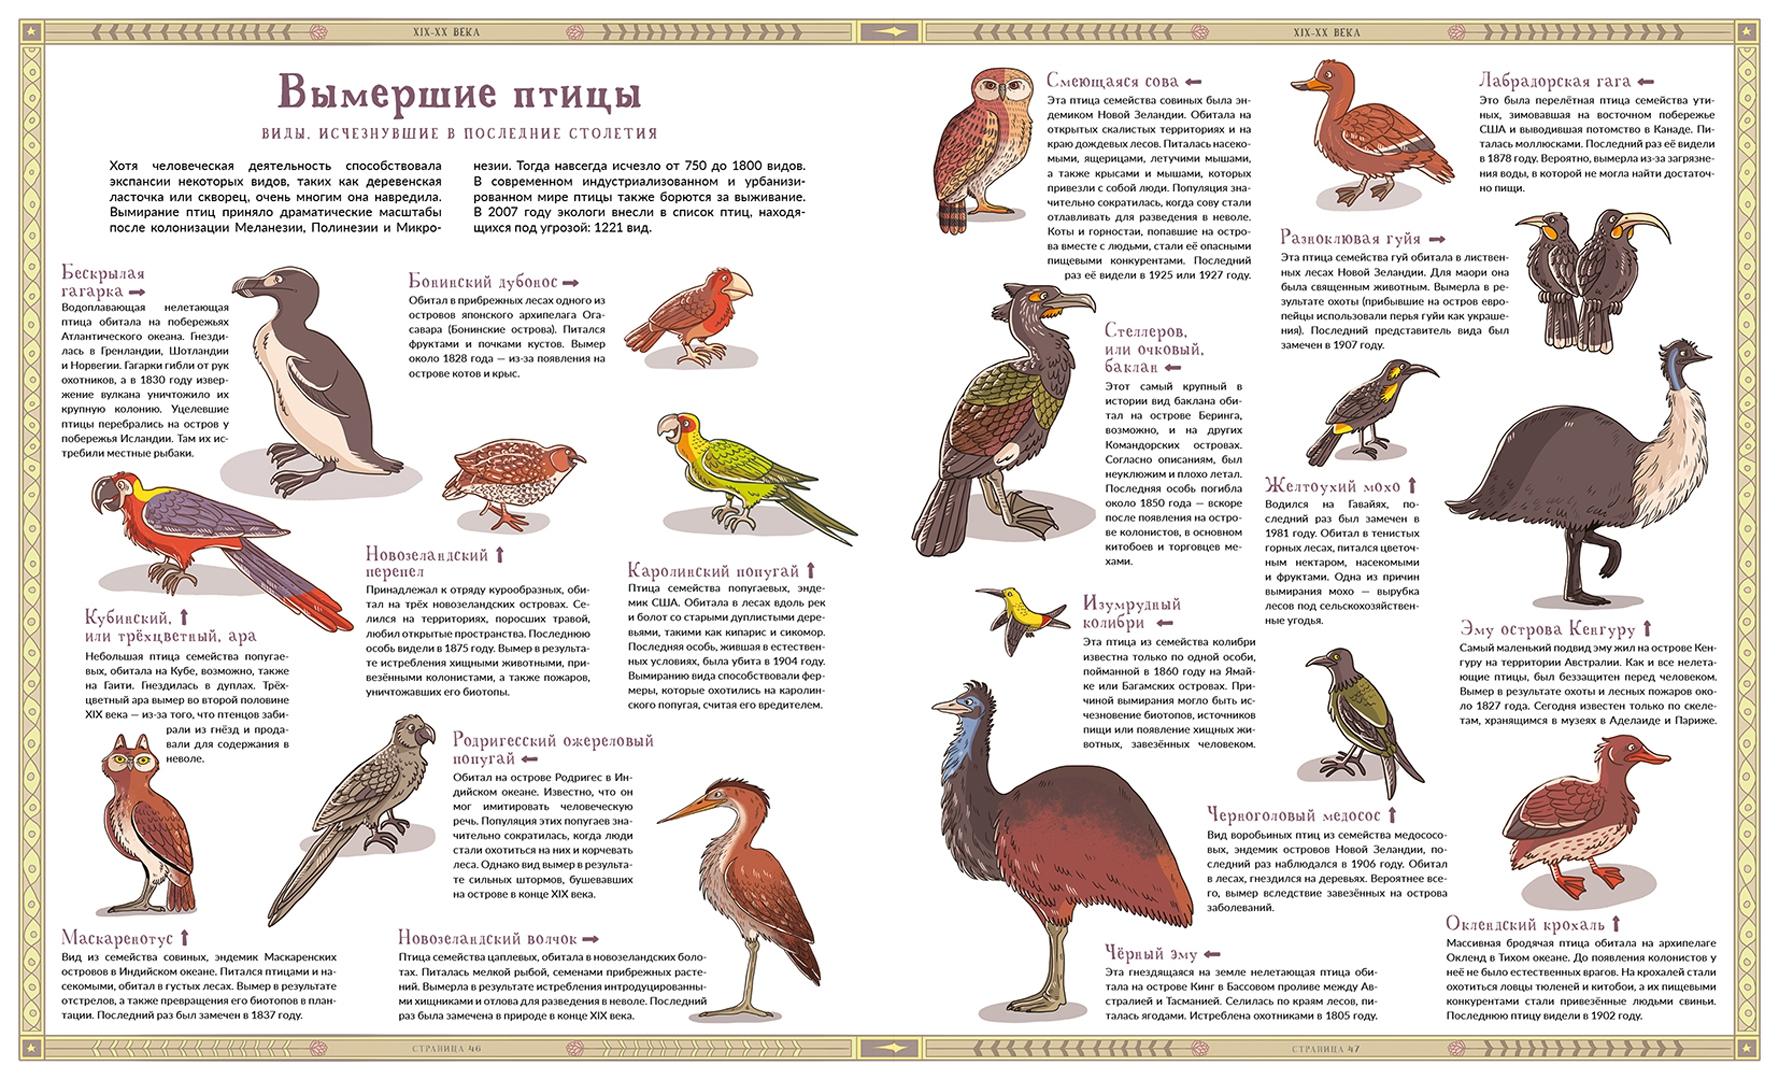 исчезнувшие животные и птицы в картинках ответил